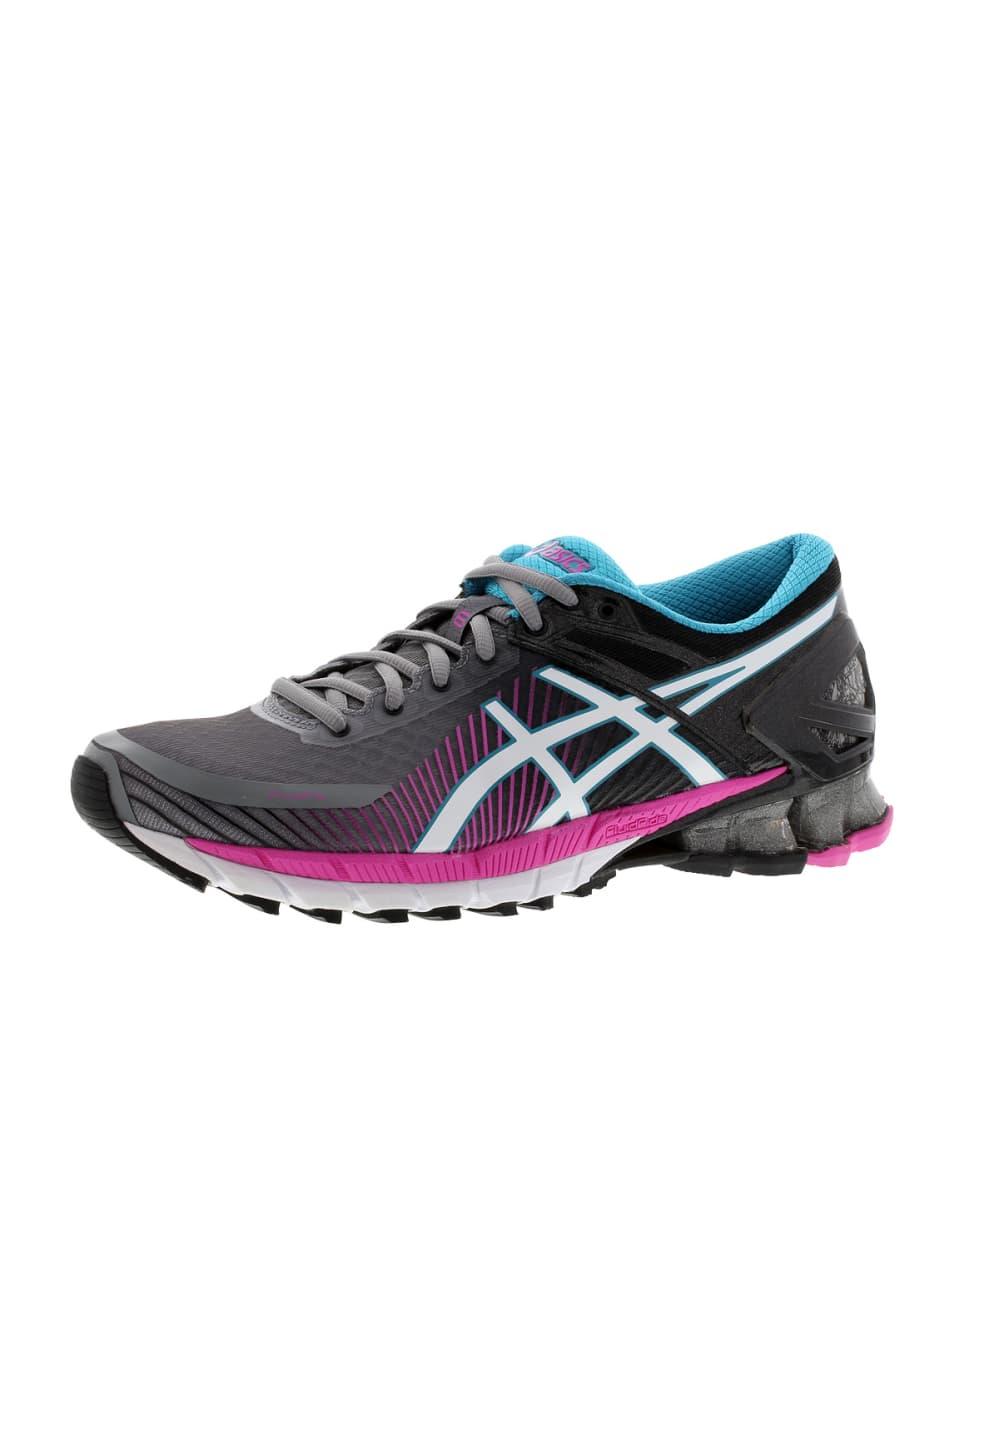 taille 40 d4371 6f4d7 ASICS GEL-Kinsei 6 - Chaussures running pour Femme - Noir